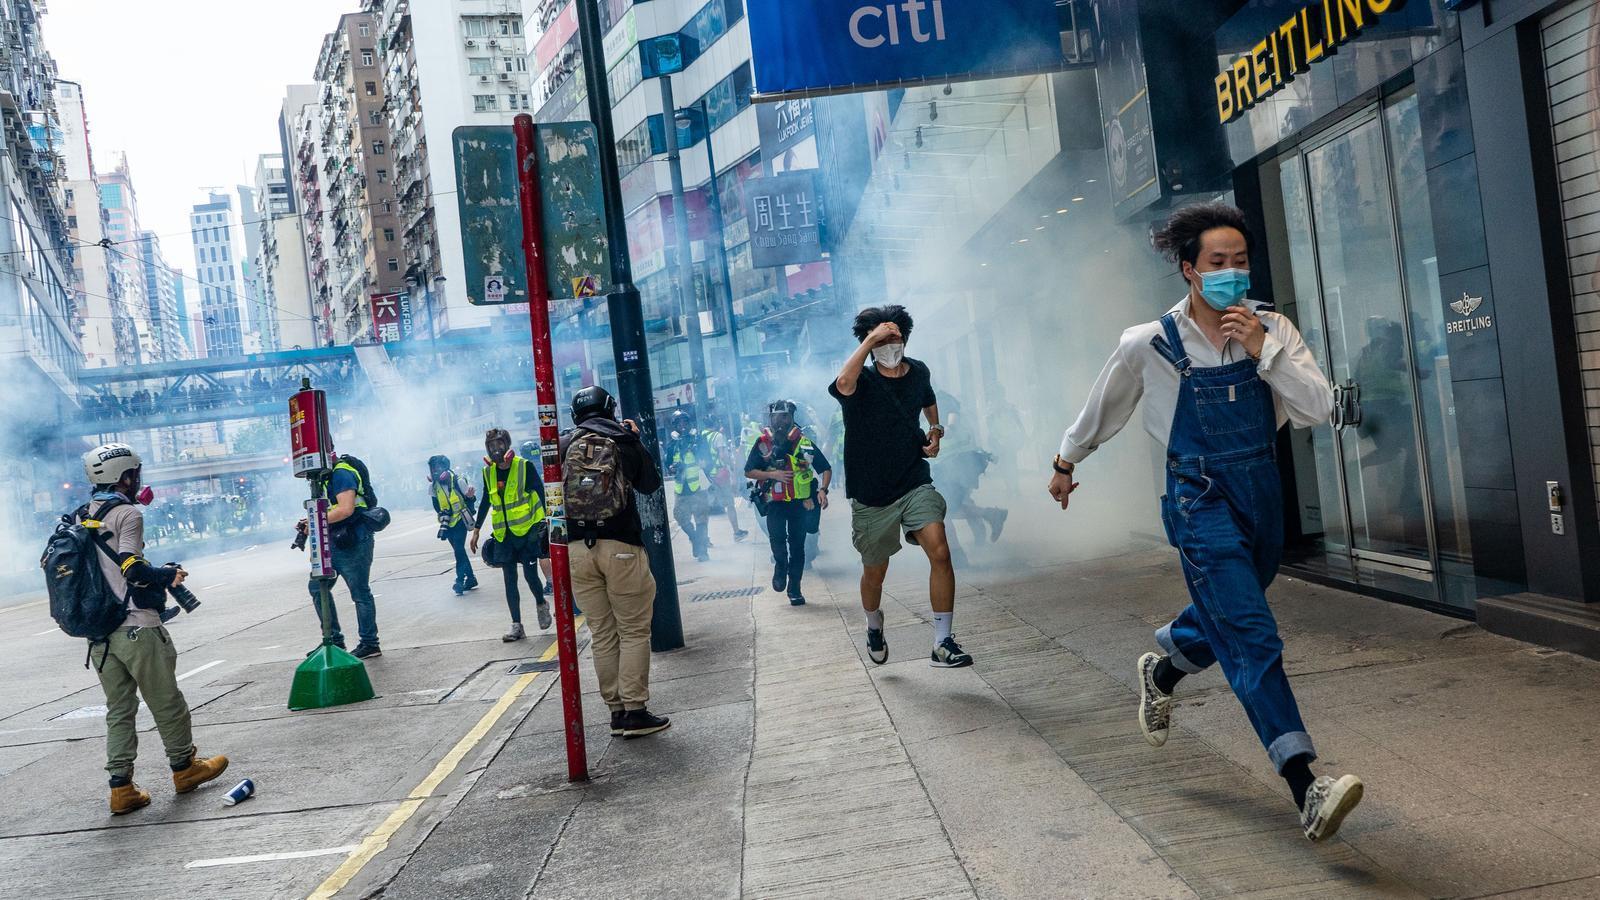 Diversos manifestants fugen dels gasos lacrimògens llançats per la policia